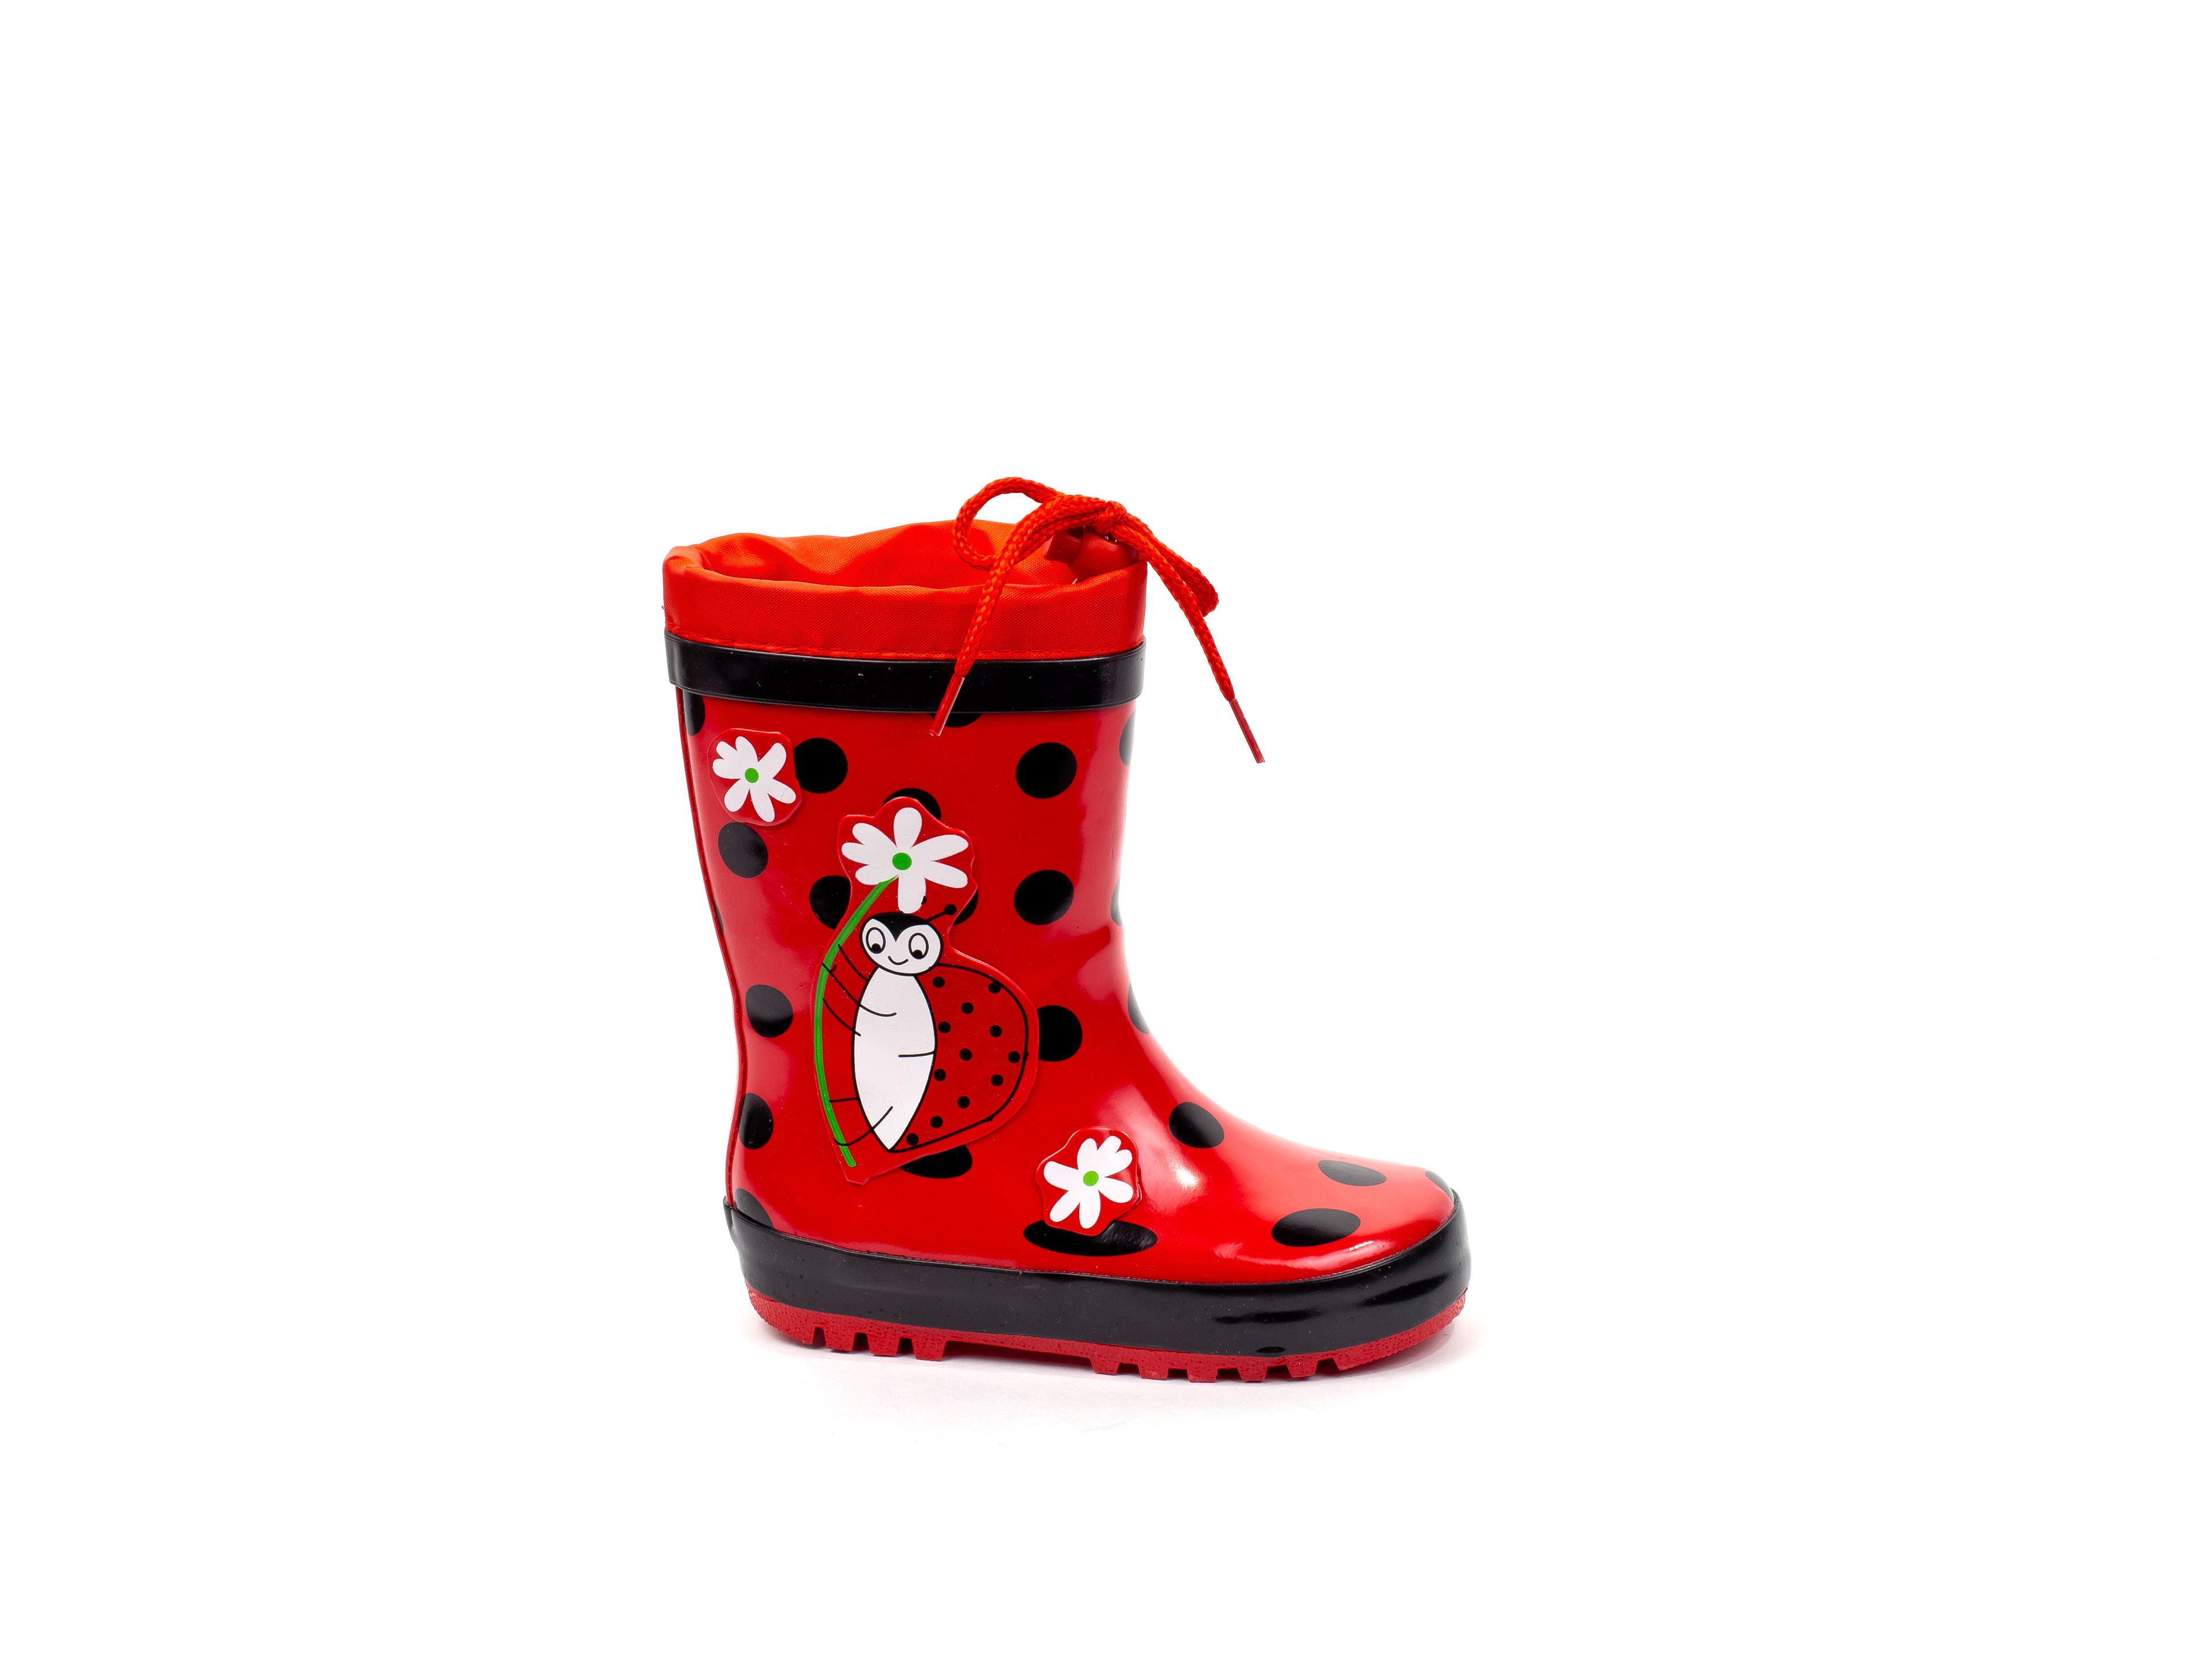 Сапоги резиновые Радуга, код 27645 :: ТРЭЙС - сеть салонов обуви для всей семьи